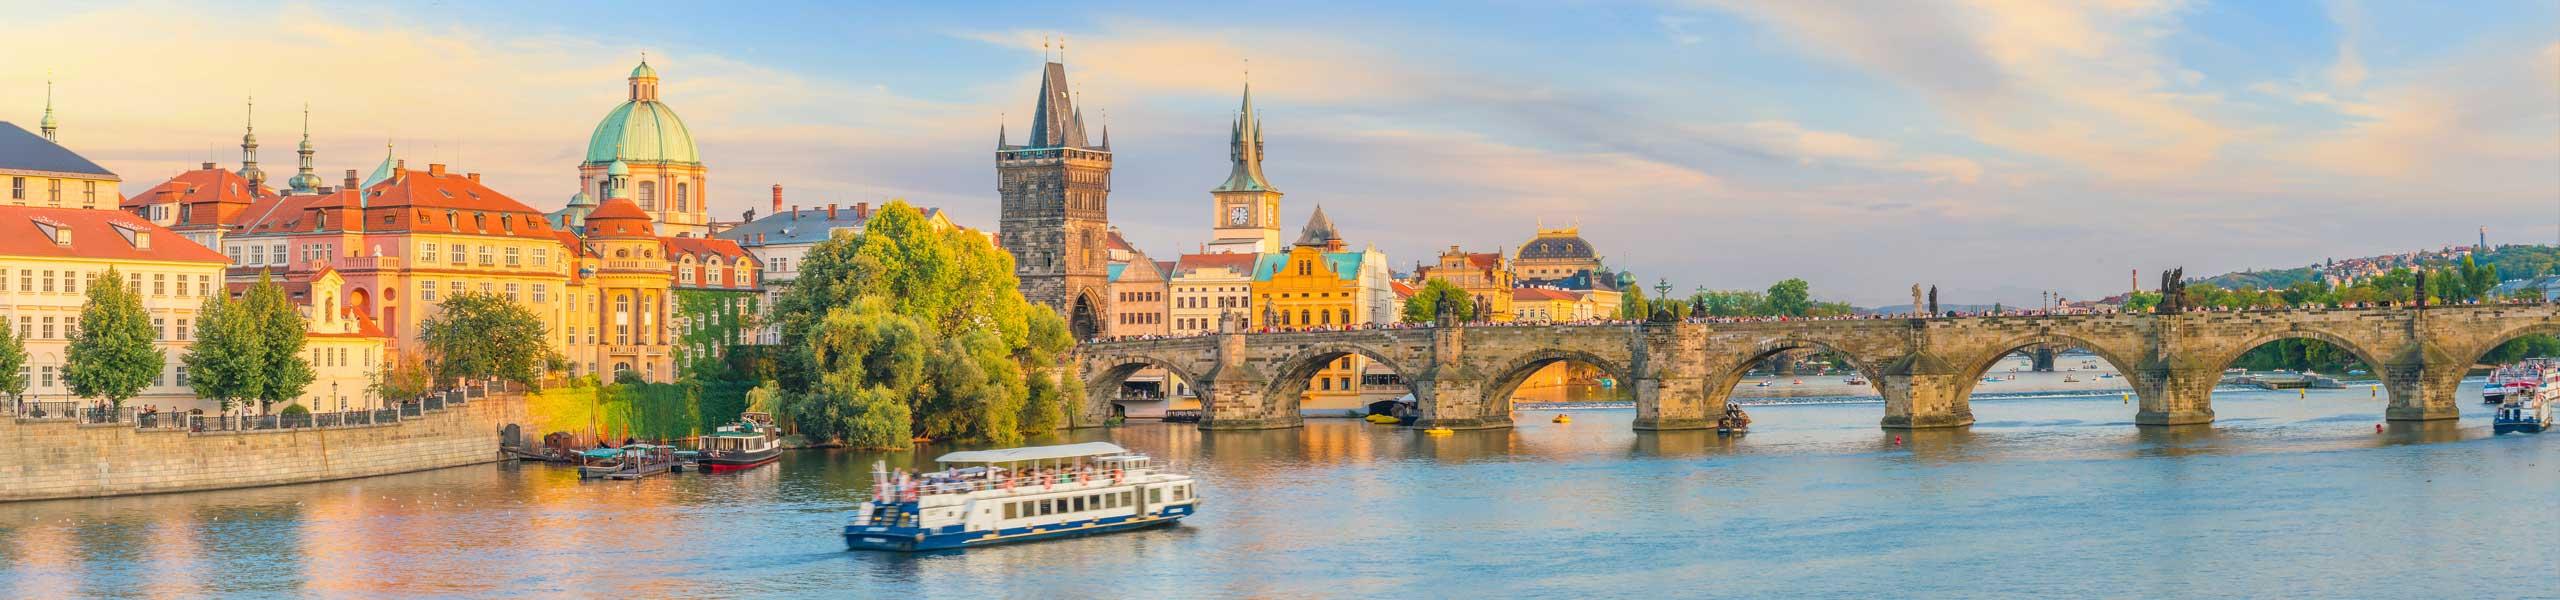 Mehrtagesfahrt Prag